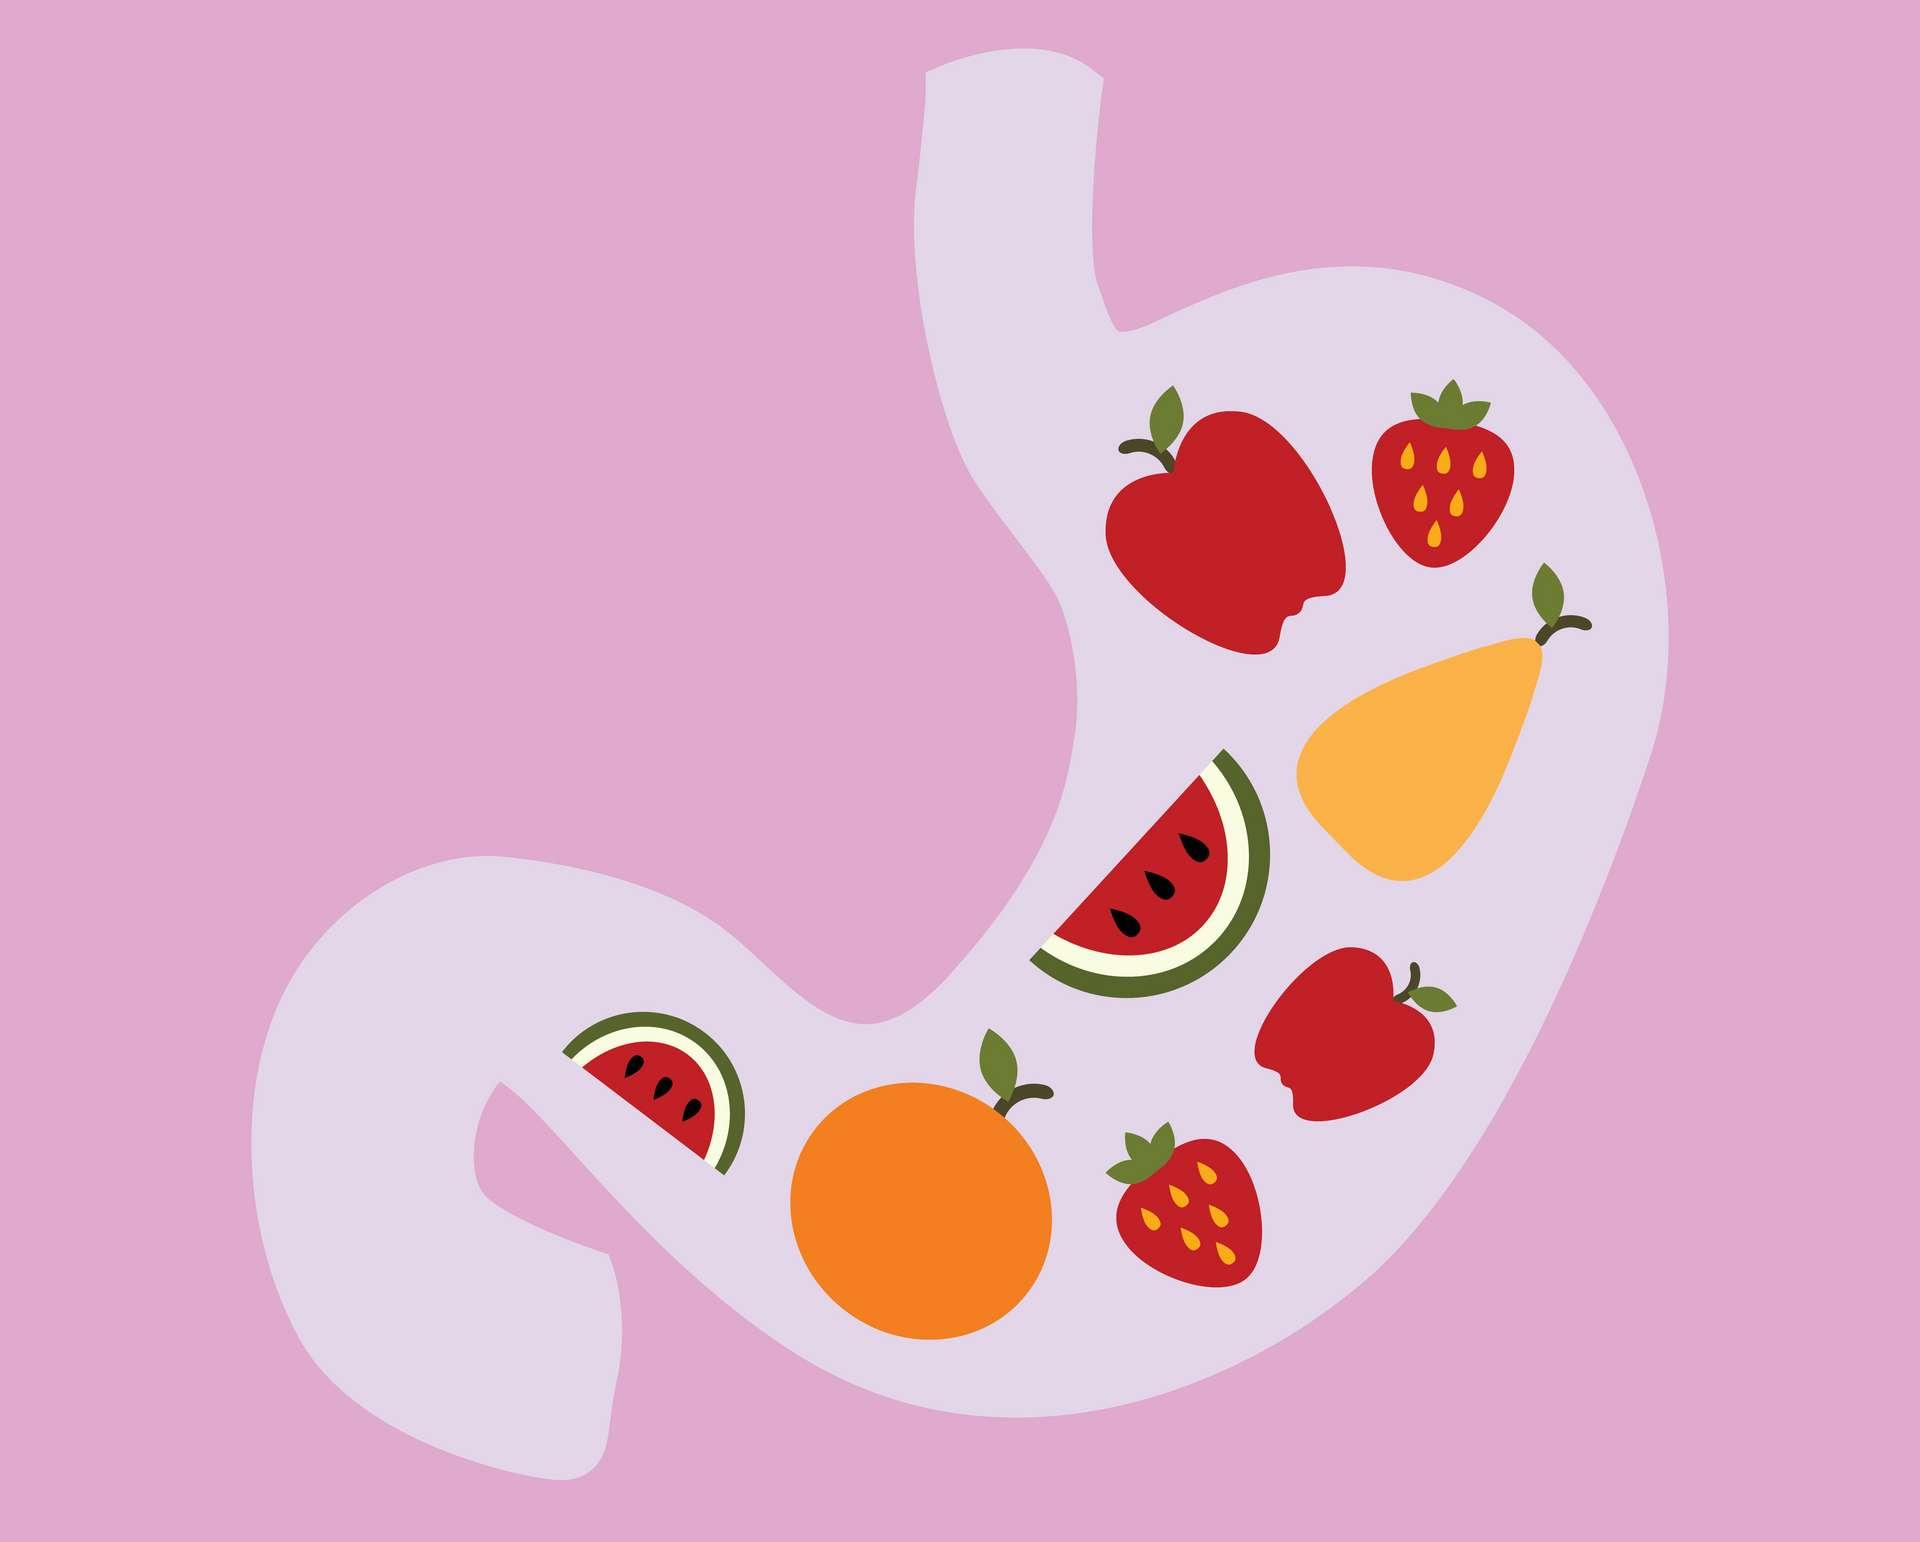 Les fibres contenues dans les légumes, les fruits et les céréales nourrissent les « bonnes » bactéries de l'intestin. © leszekglasner, Adobe Stock